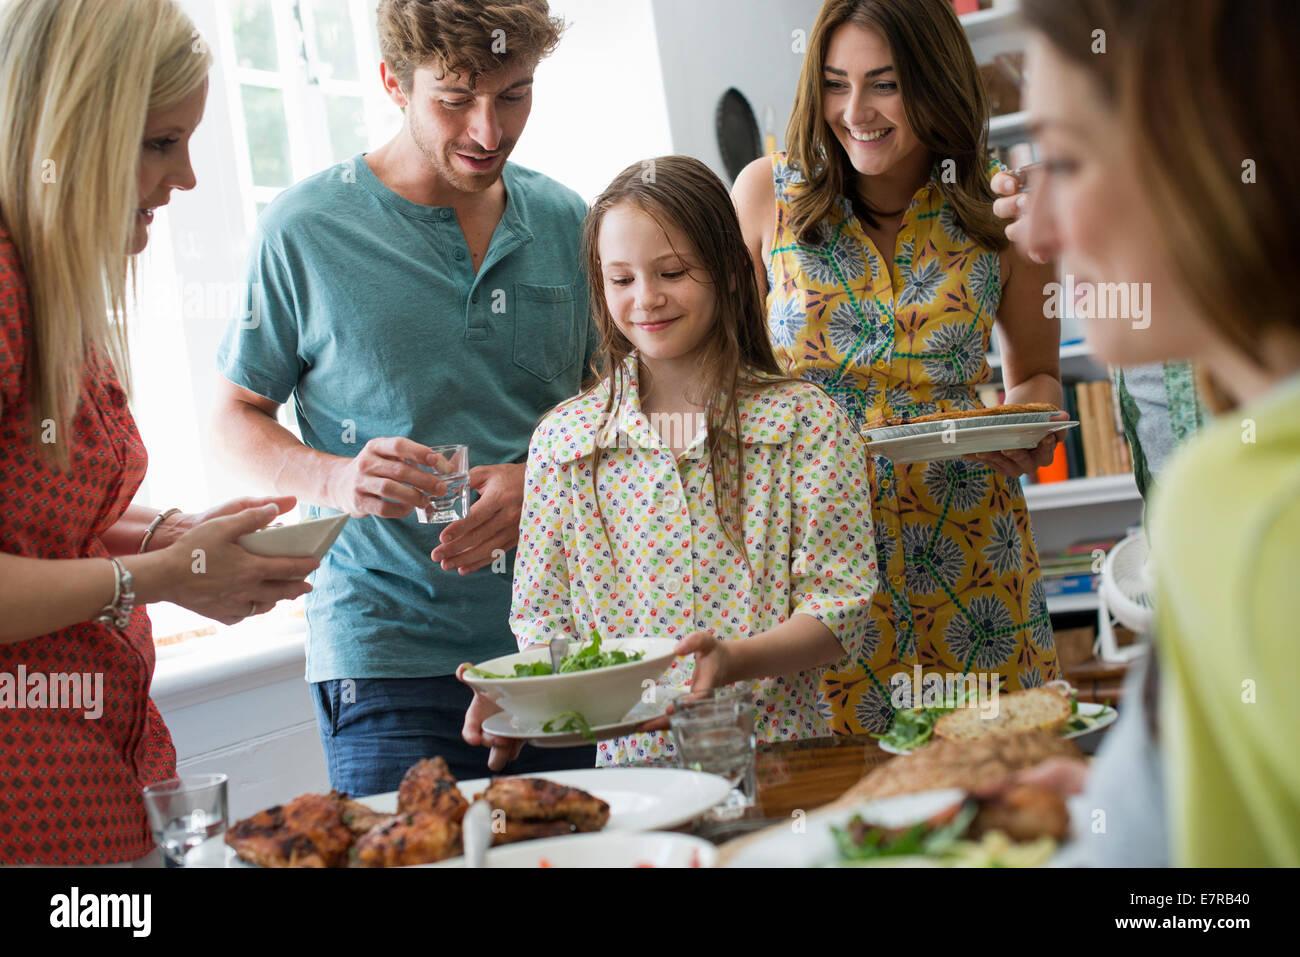 Une réunion de famille pour un repas. Les adultes et les enfants autour d'une table. Photo Stock